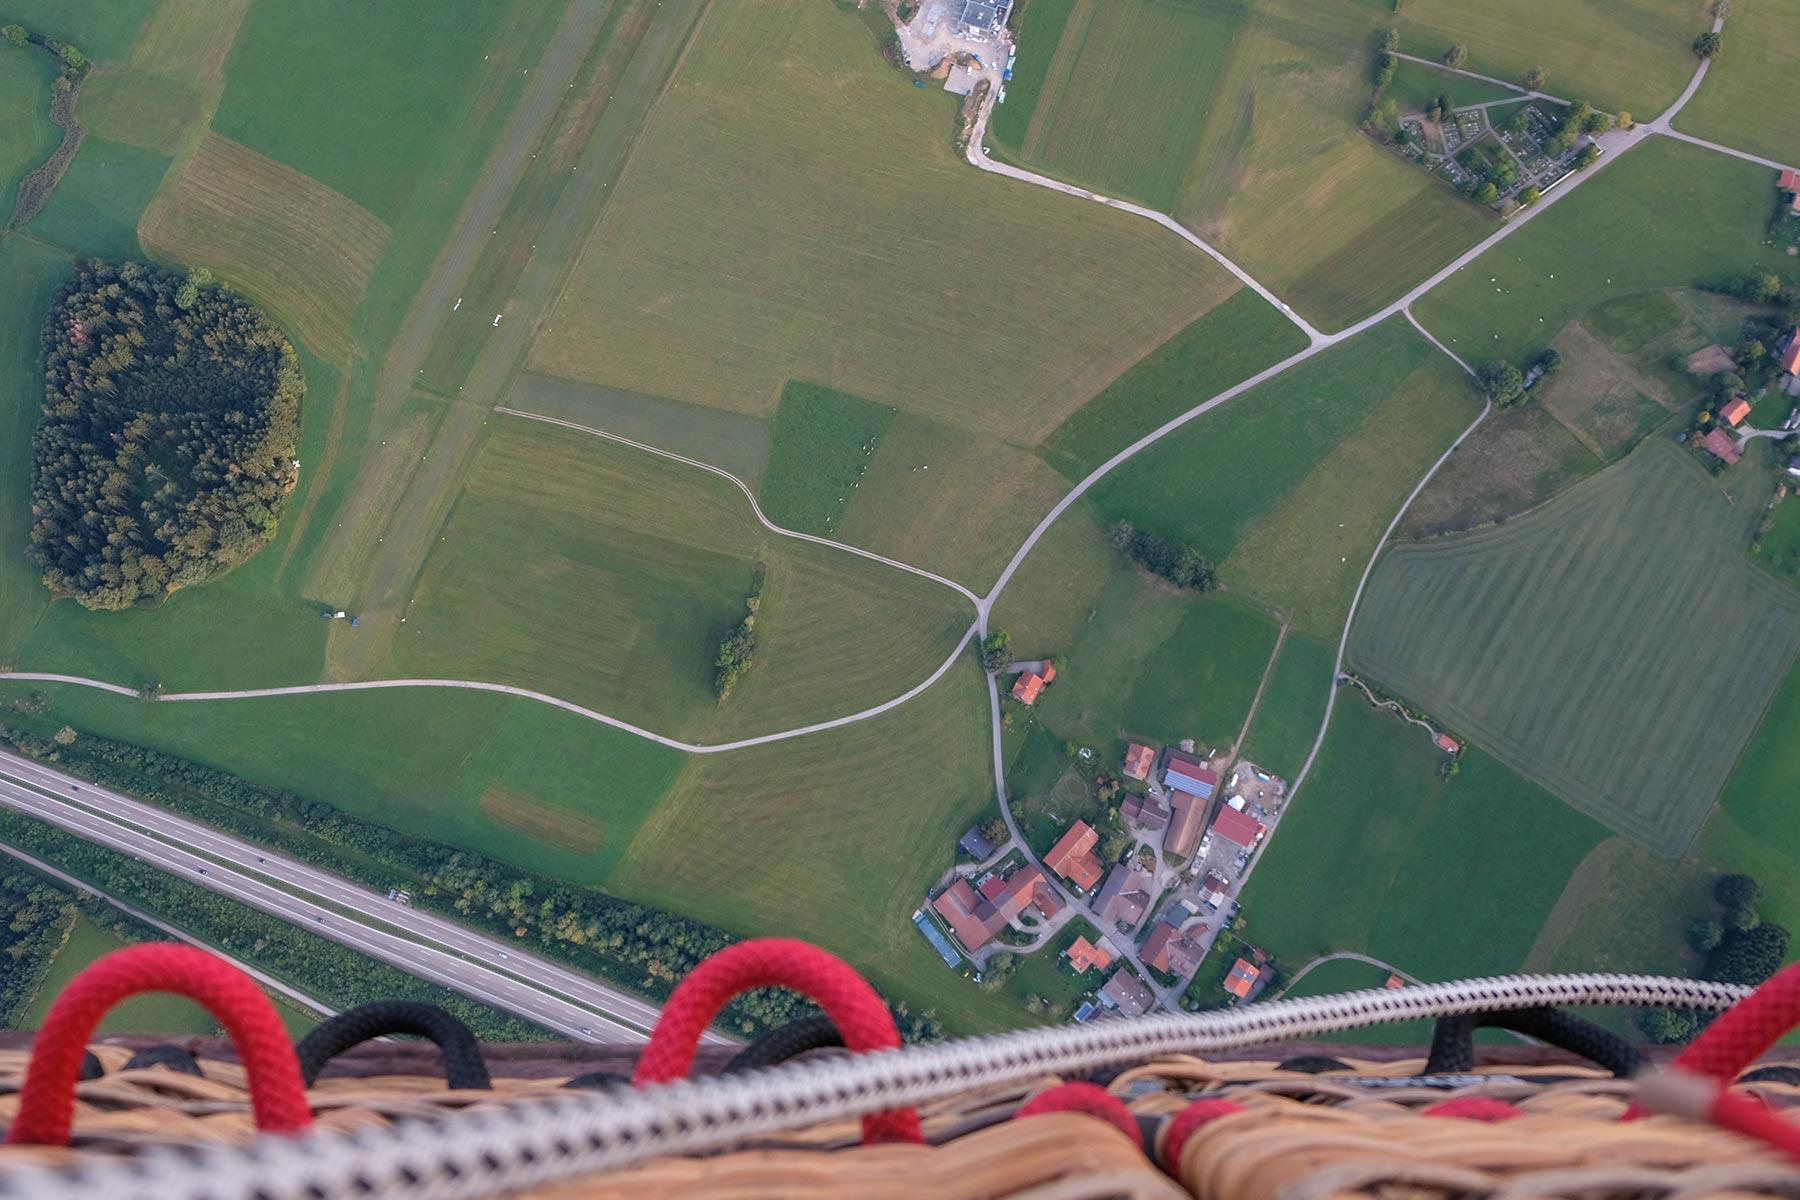 Blick nach unten aus dem Allgäuer Büble Bier Ballon